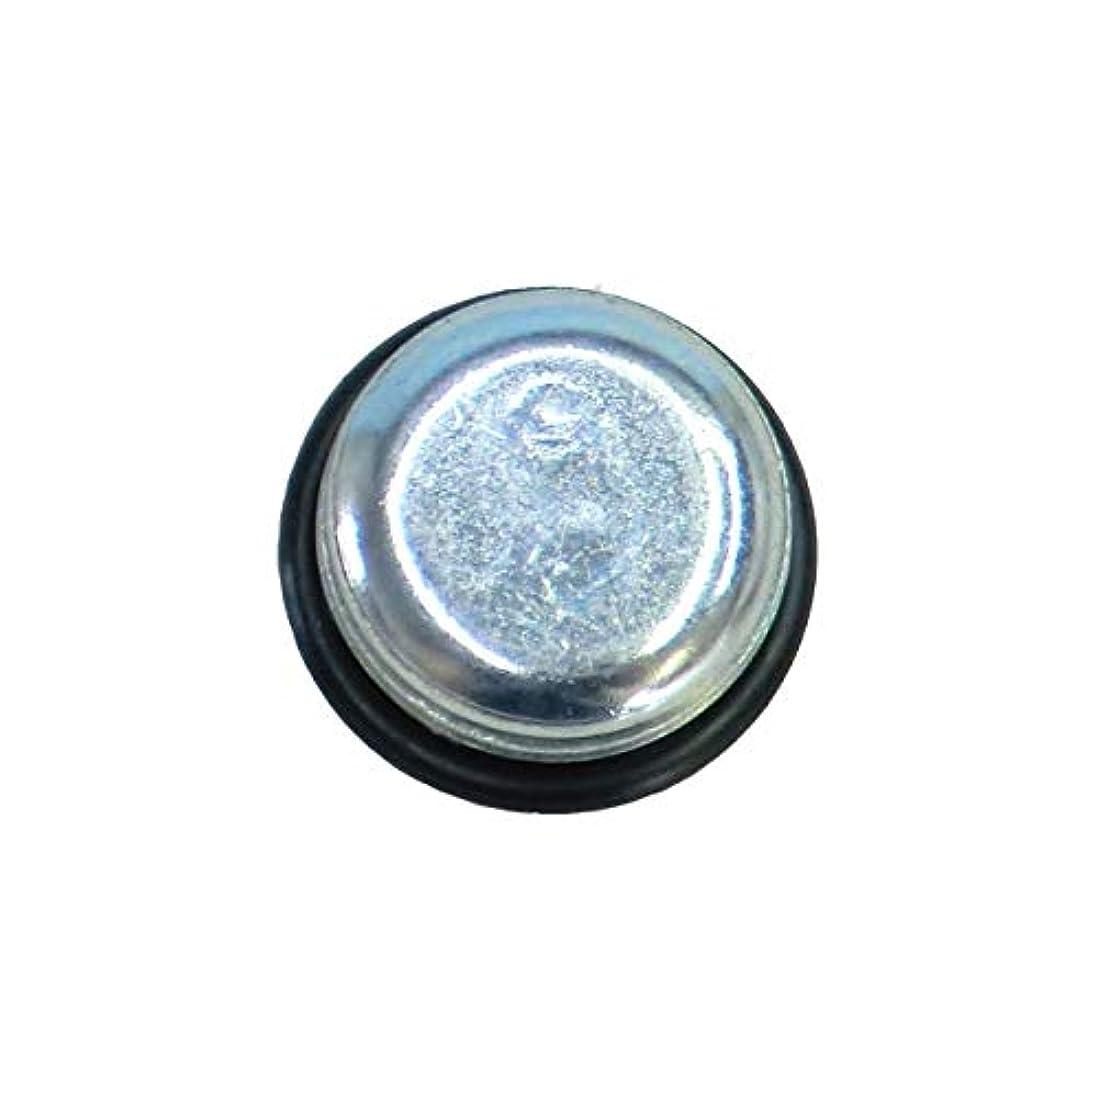 近似舌な赤道4986575 ガソリン携行缶専用キャップ横型タイプ用 (株式会社田巻製作所製)